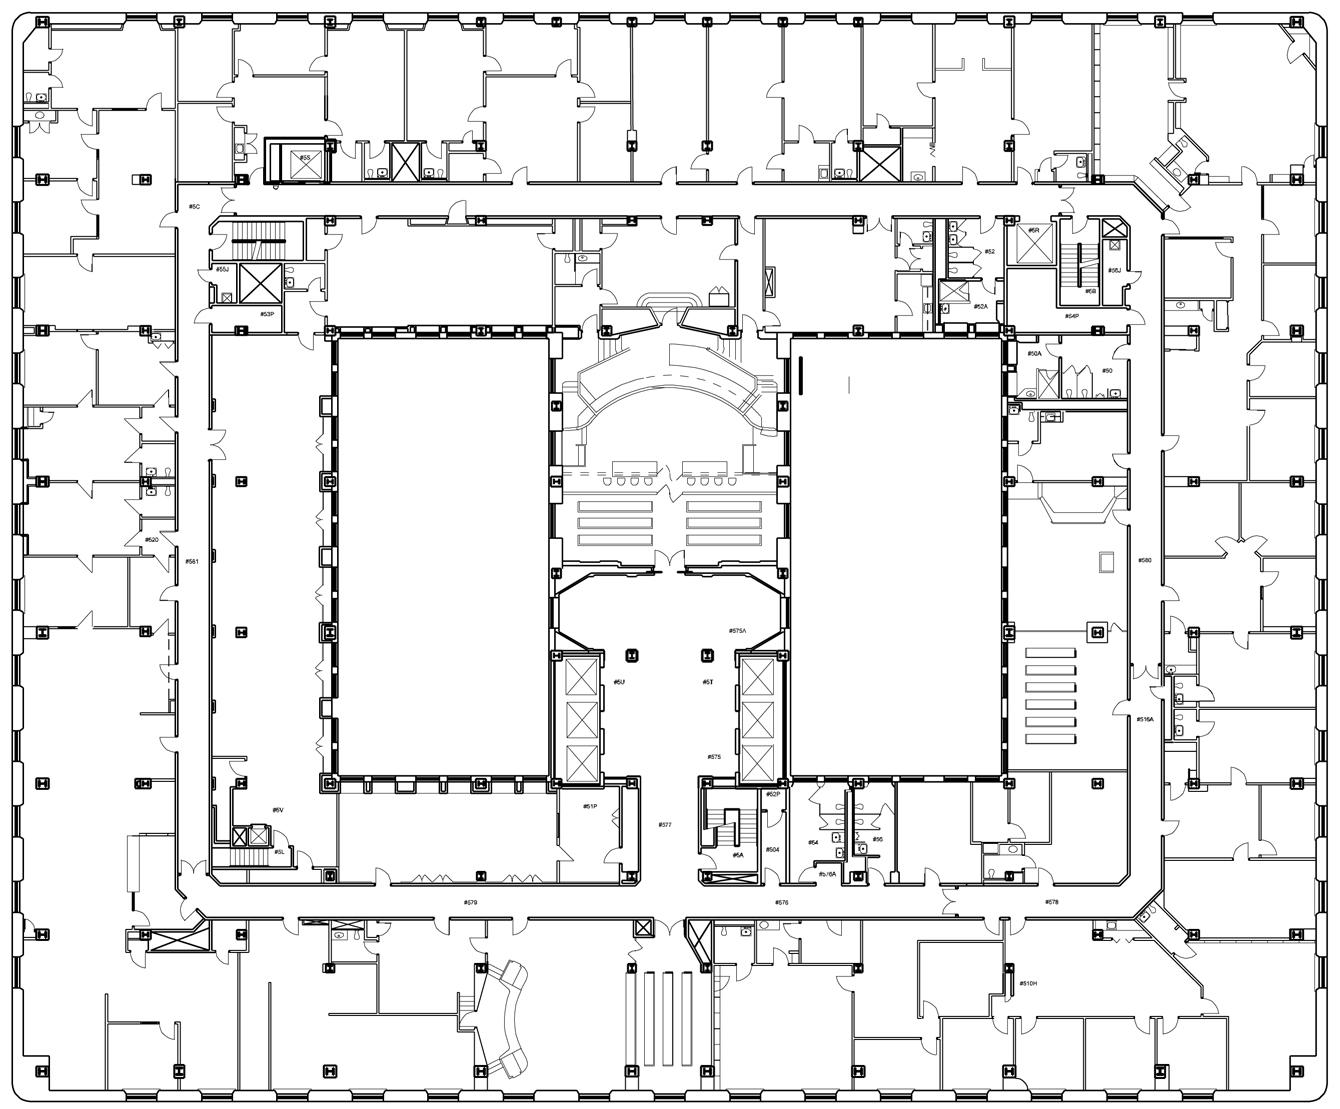 fifth floor courtroom copy.jpg